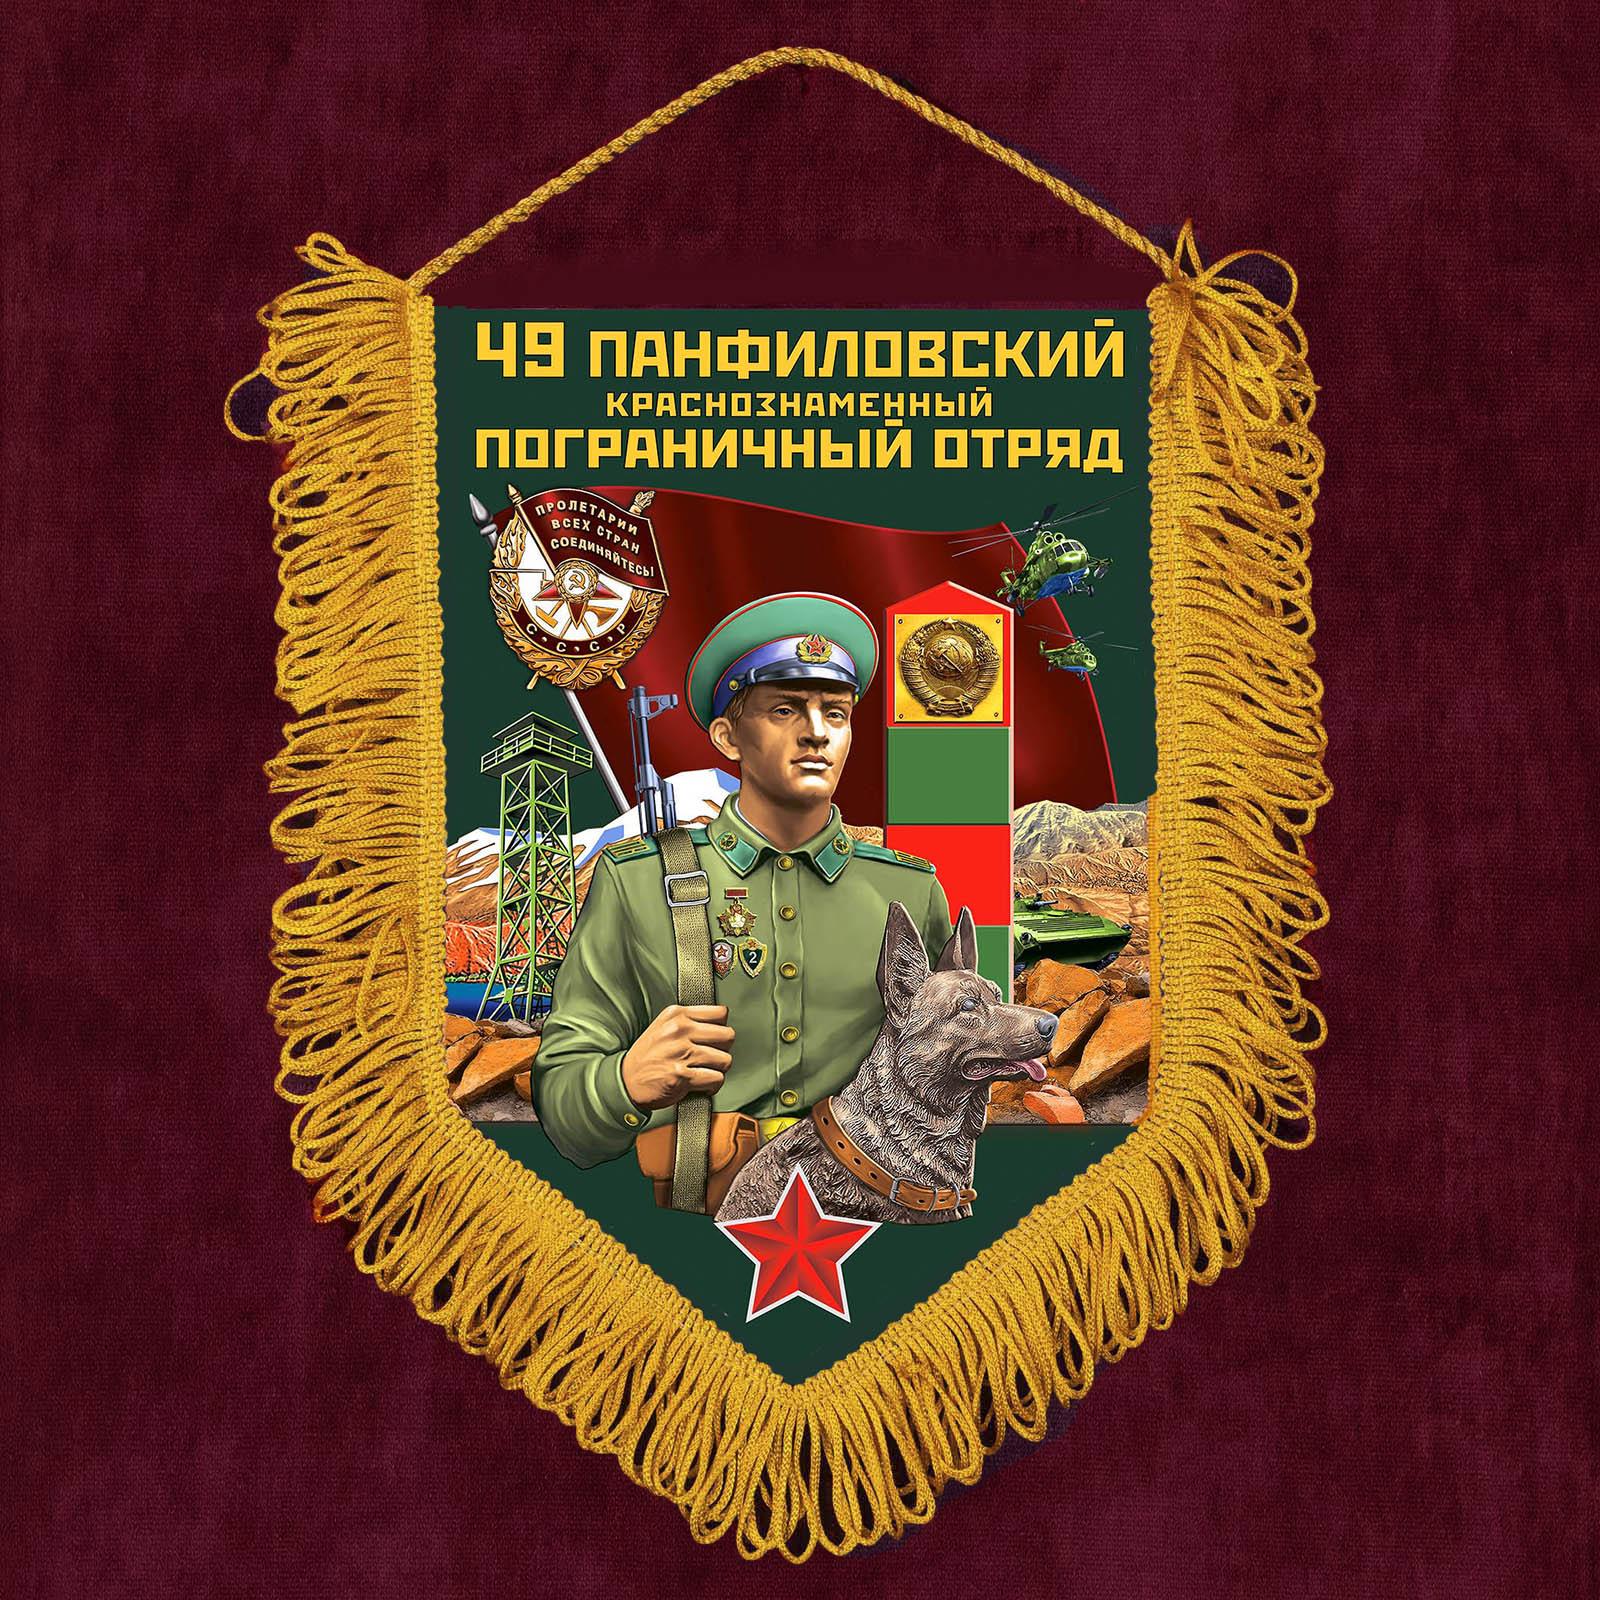 """Сувенирный вымпел """"49 Панфиловский пограничный отряд"""""""